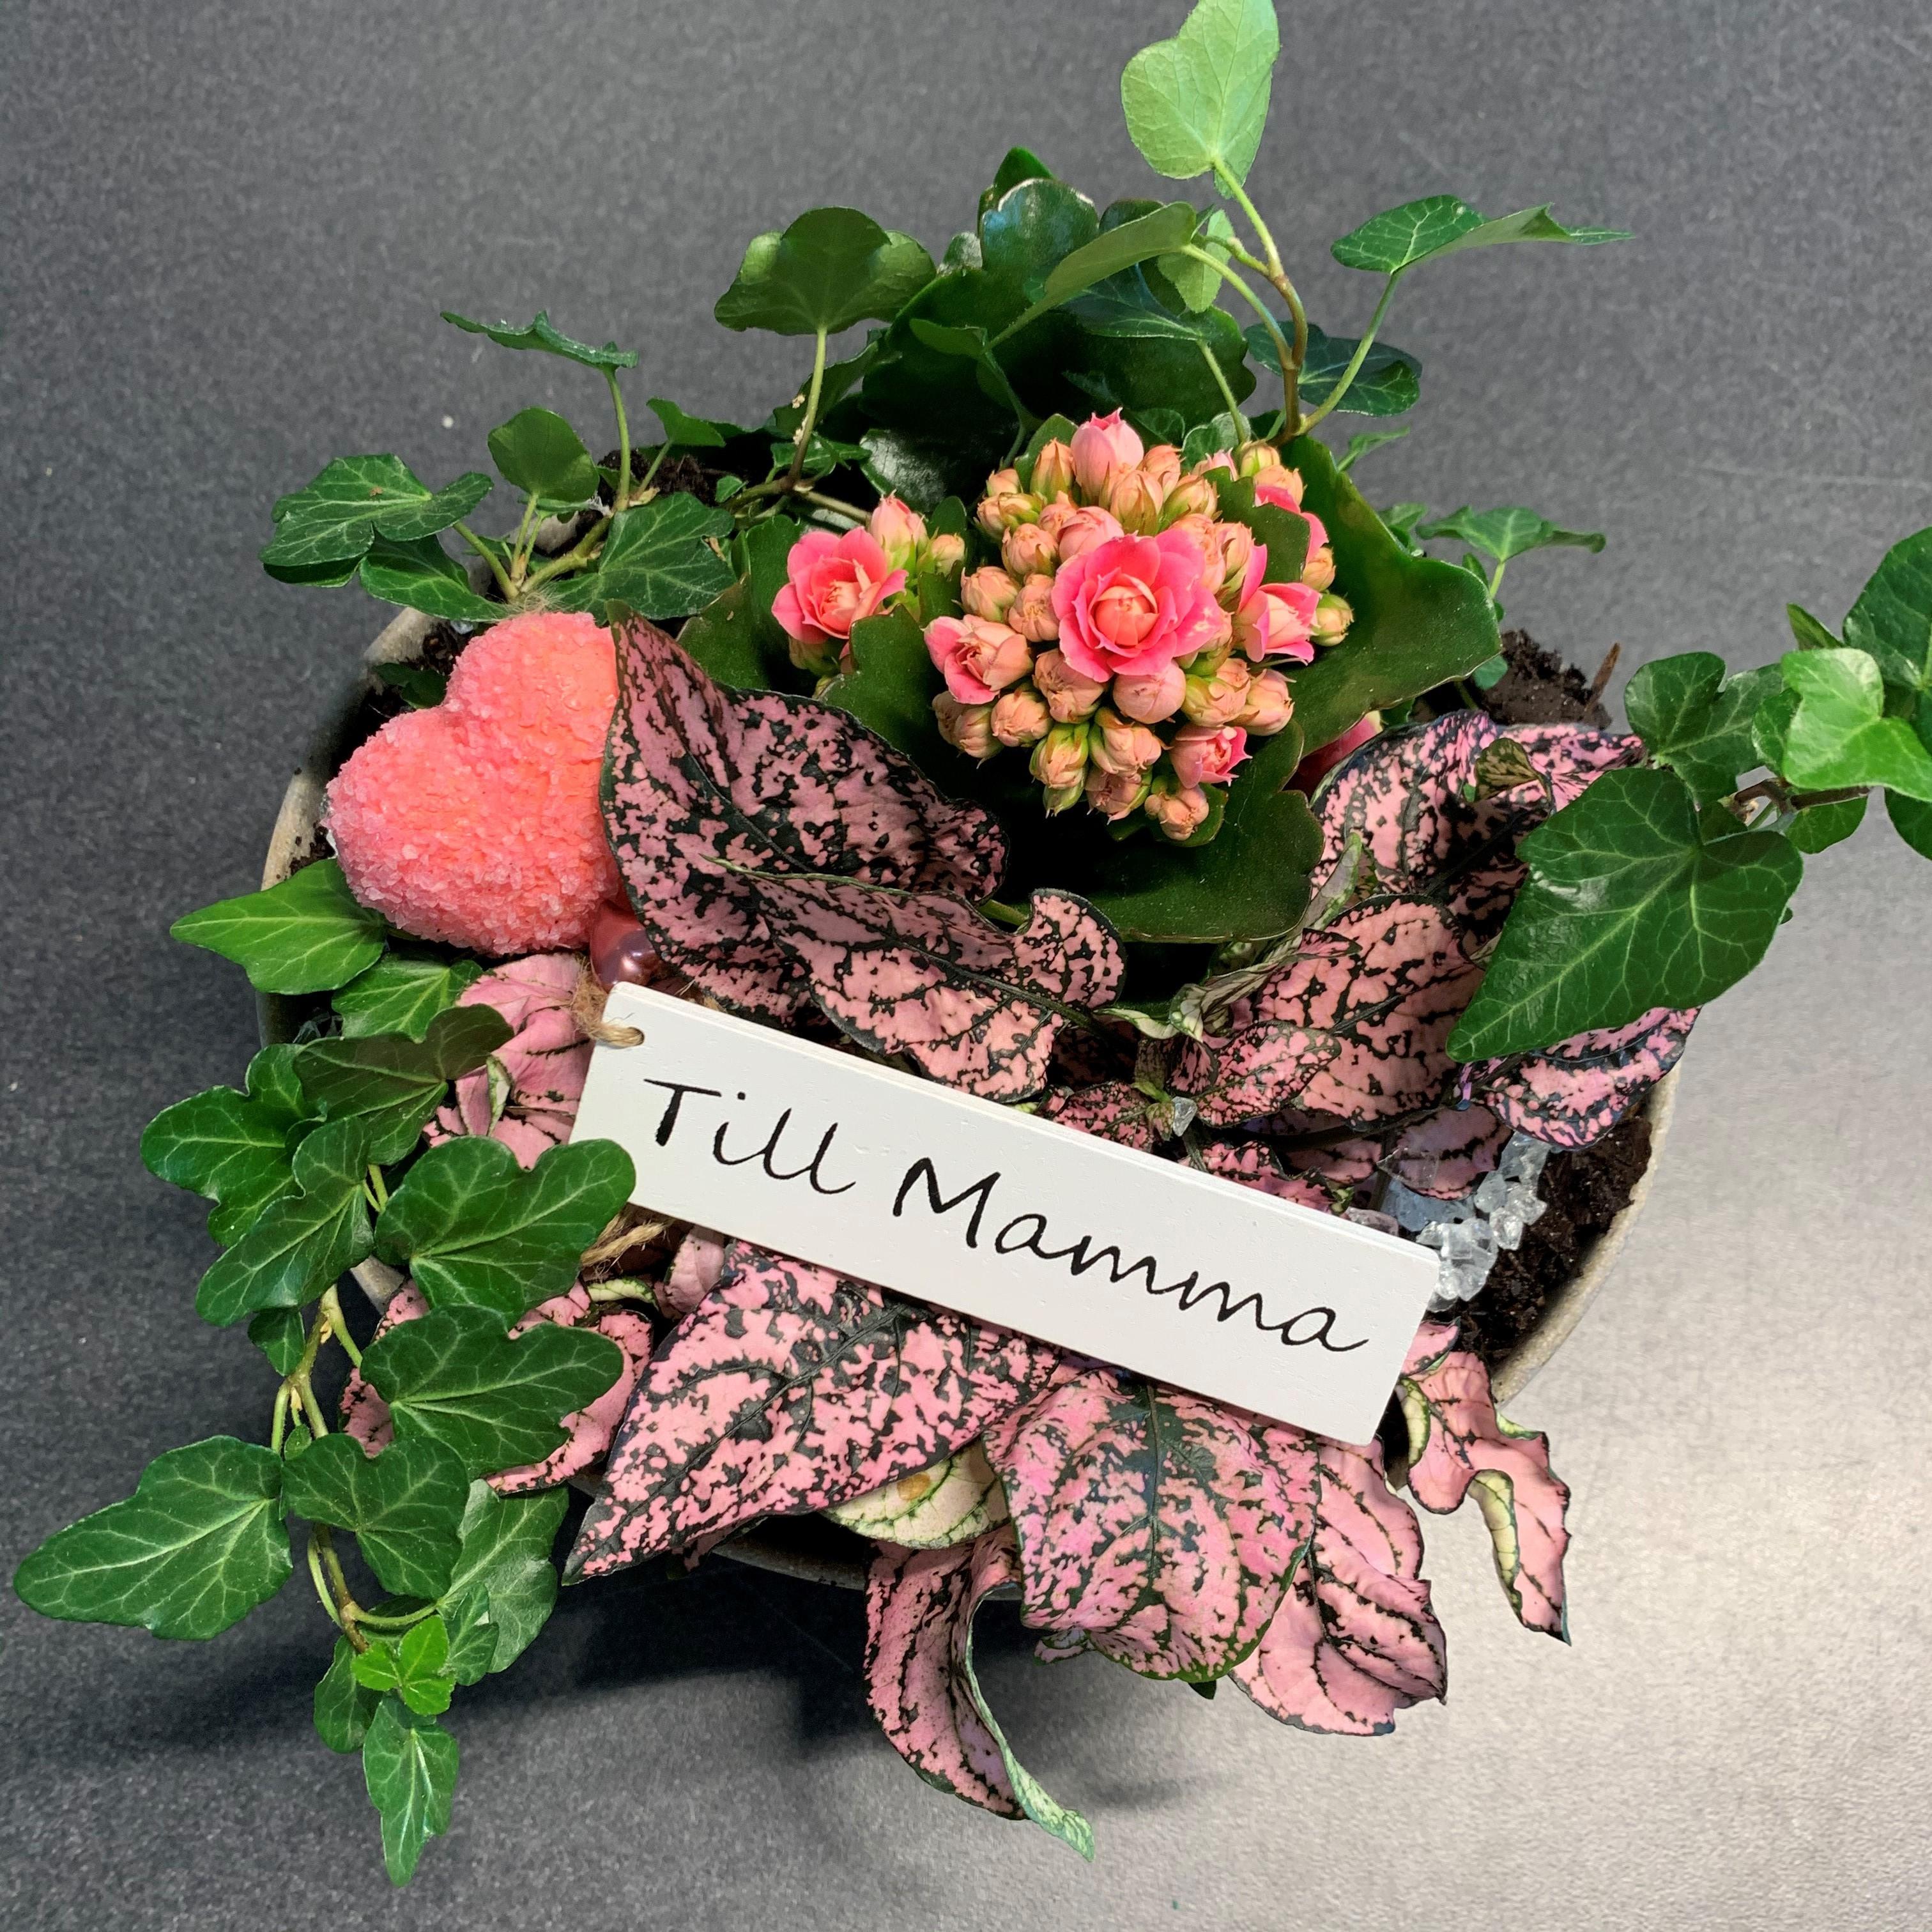 Till världens gladaste mamma - Plantering